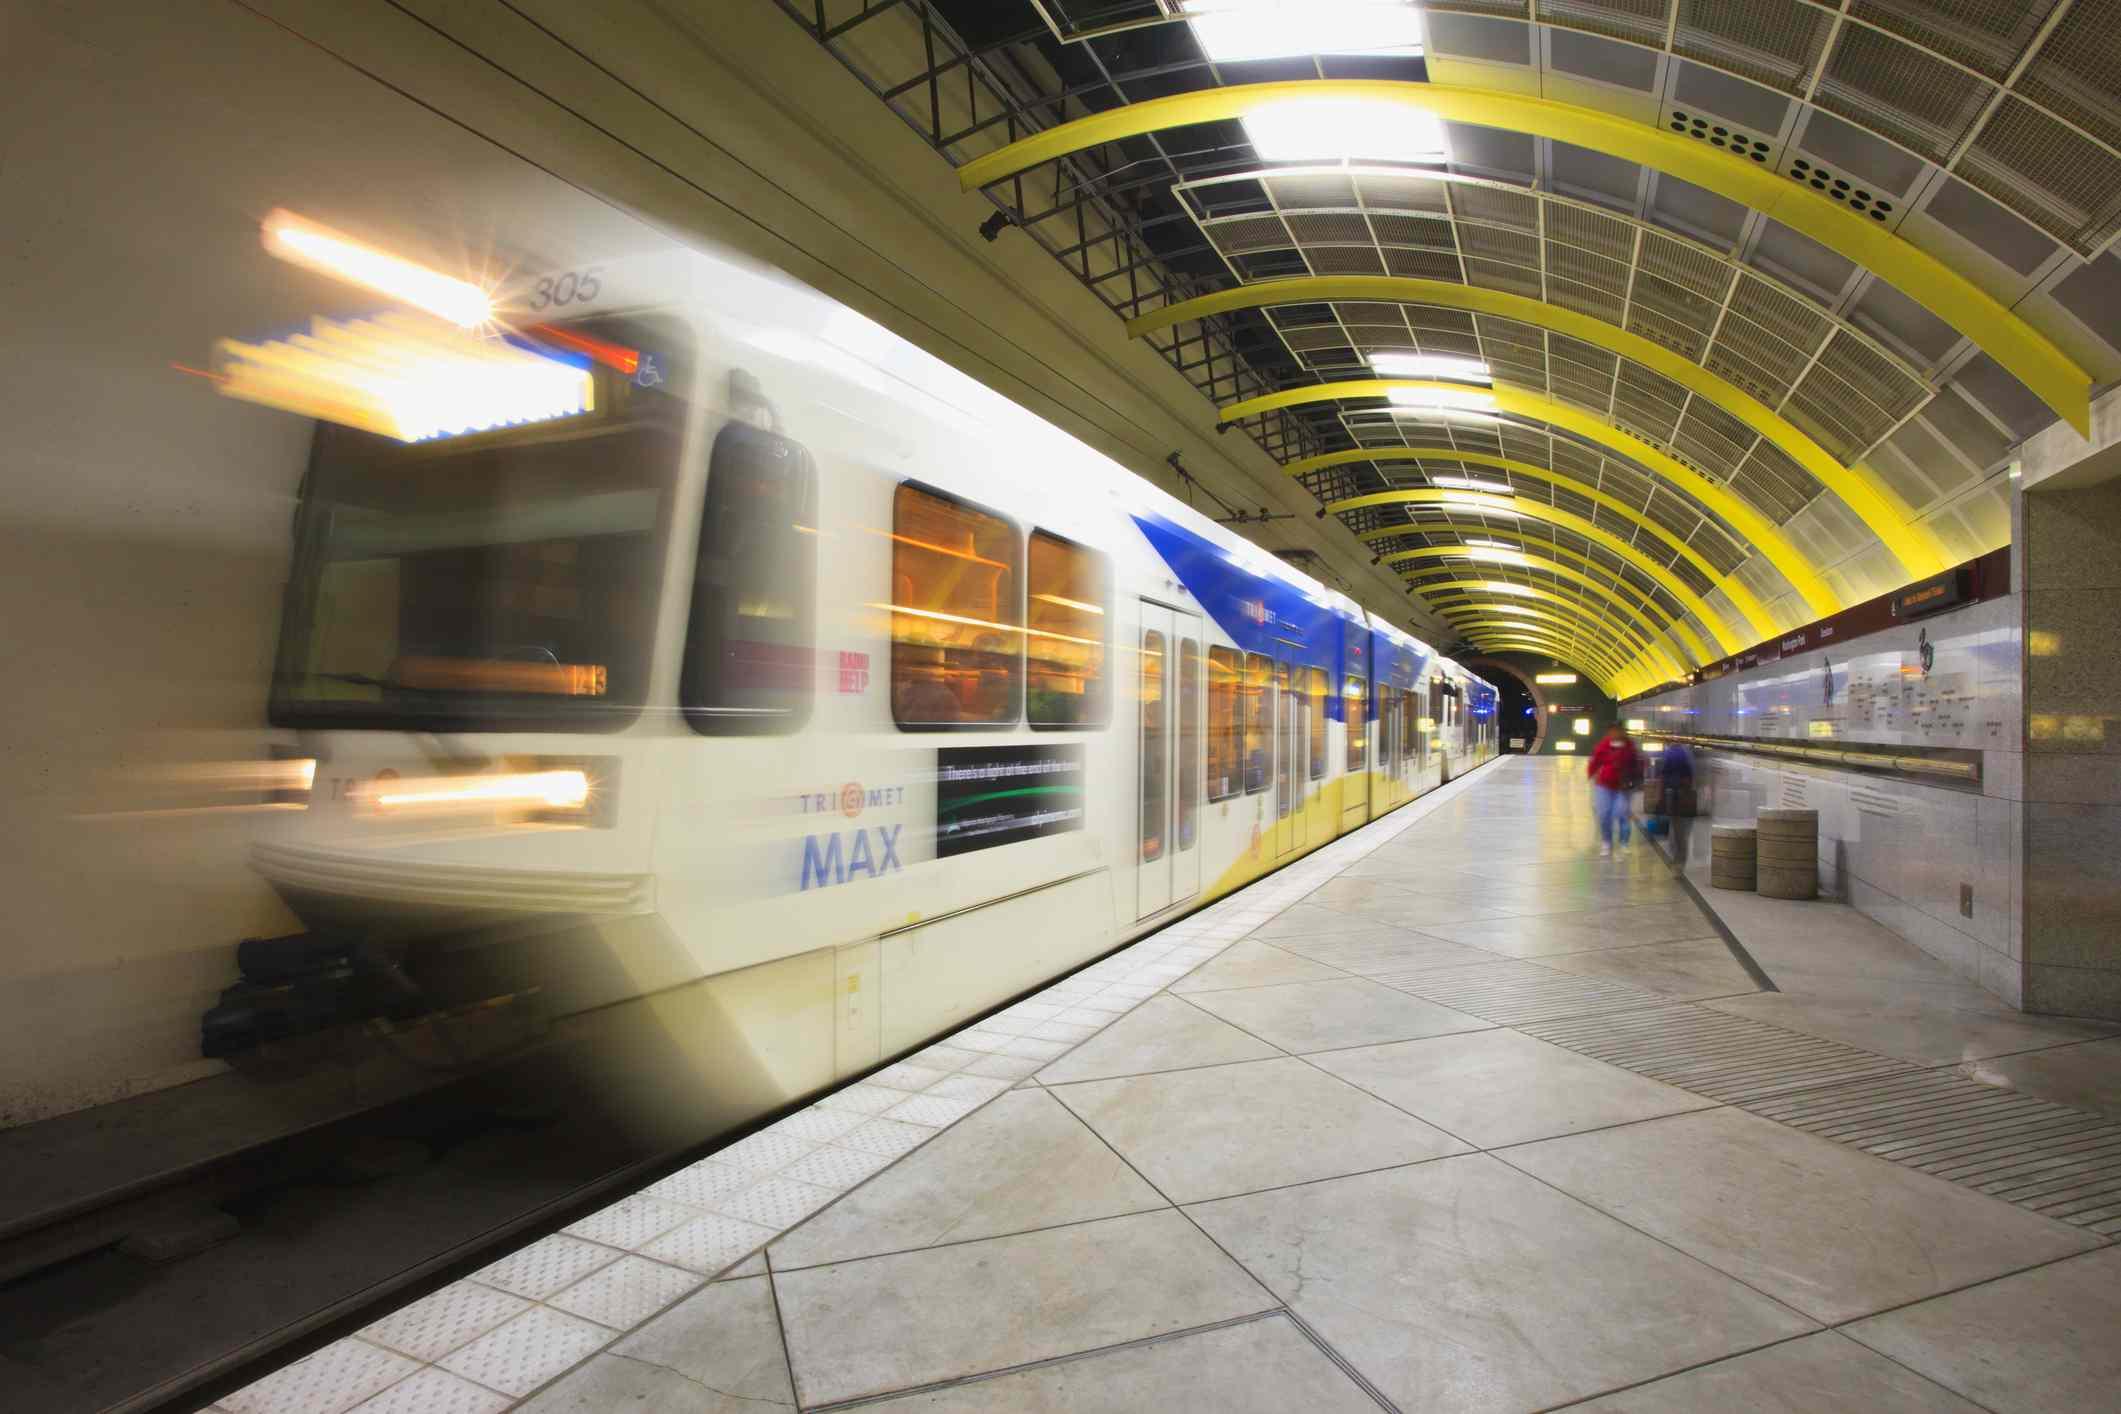 Tranvía Trimet Max, zoológico subterráneo de Portland. Portland Oregon , Letrero de neón en Pike Place Market